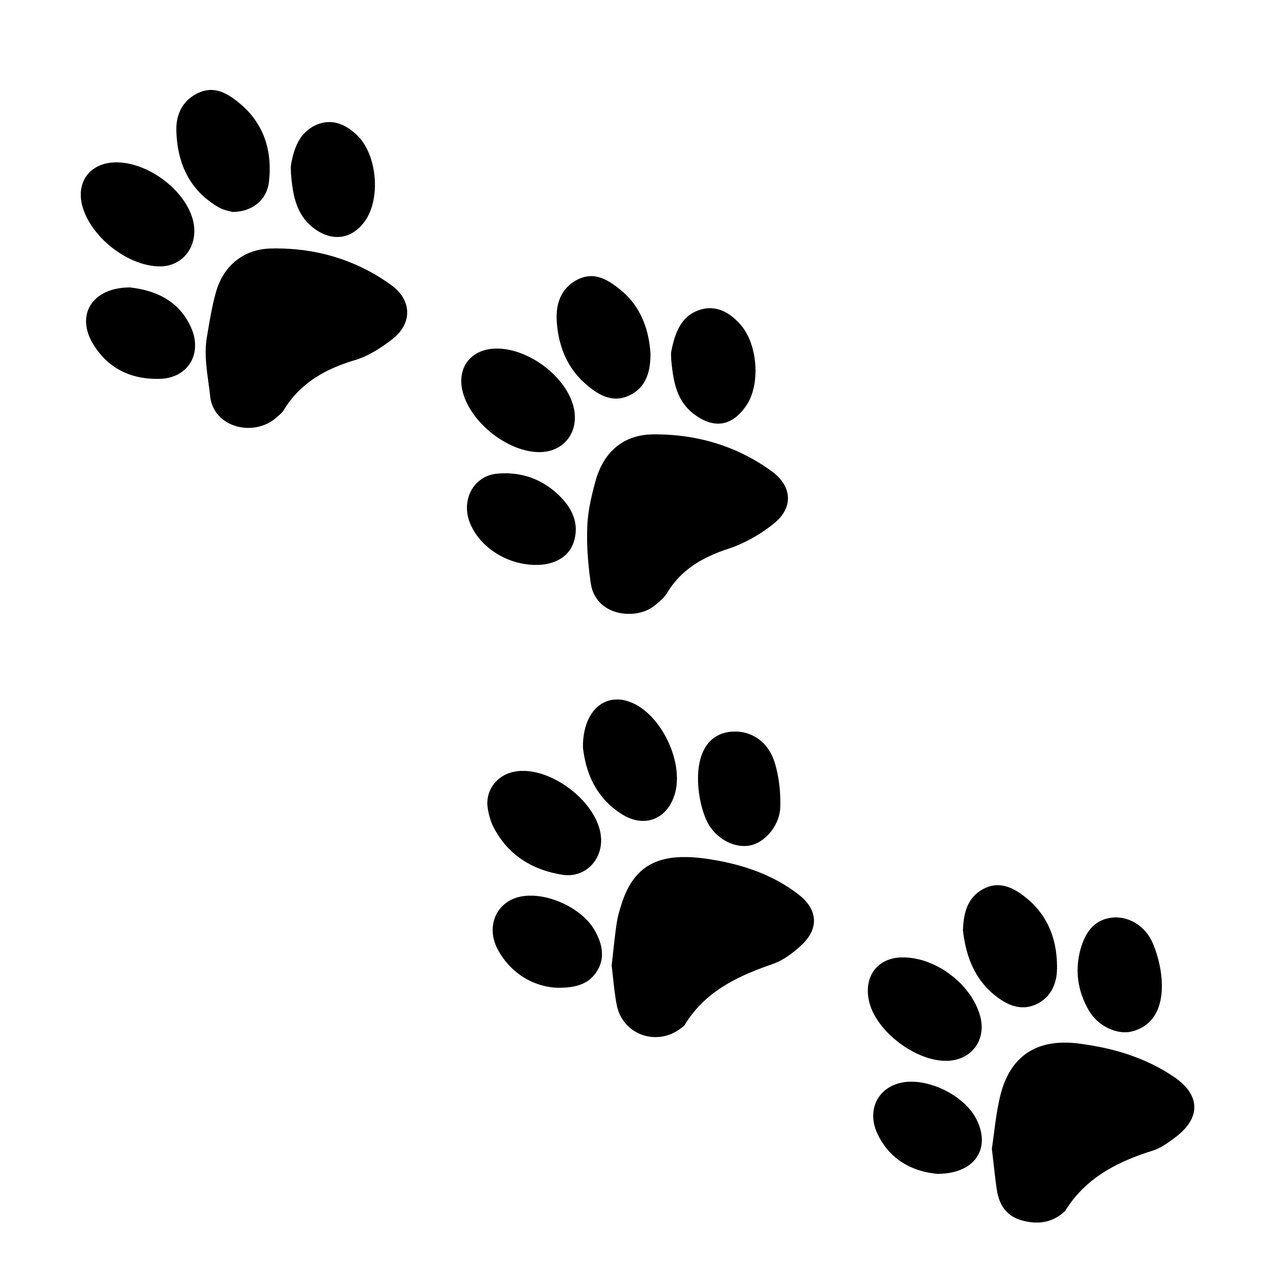 предположила, что картинка отпечатка кошачьей лапки отличие